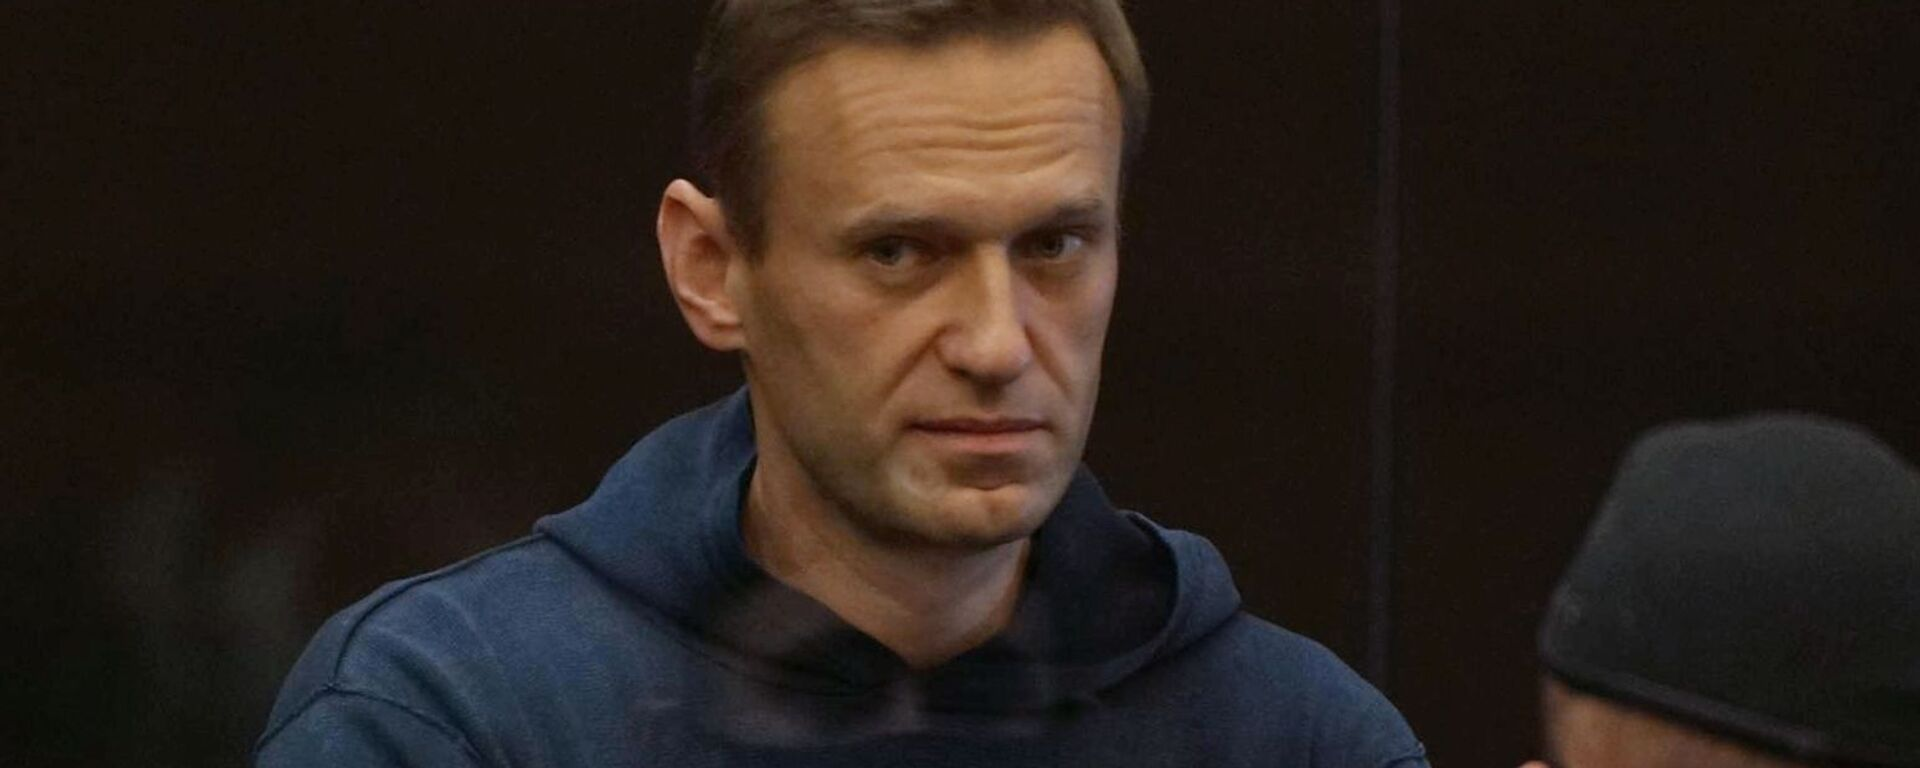 Aleksej Nawalny na posiedzeniu sądu 2 lutego 2021 w Moskwie - Sputnik Polska, 1920, 02.02.2021